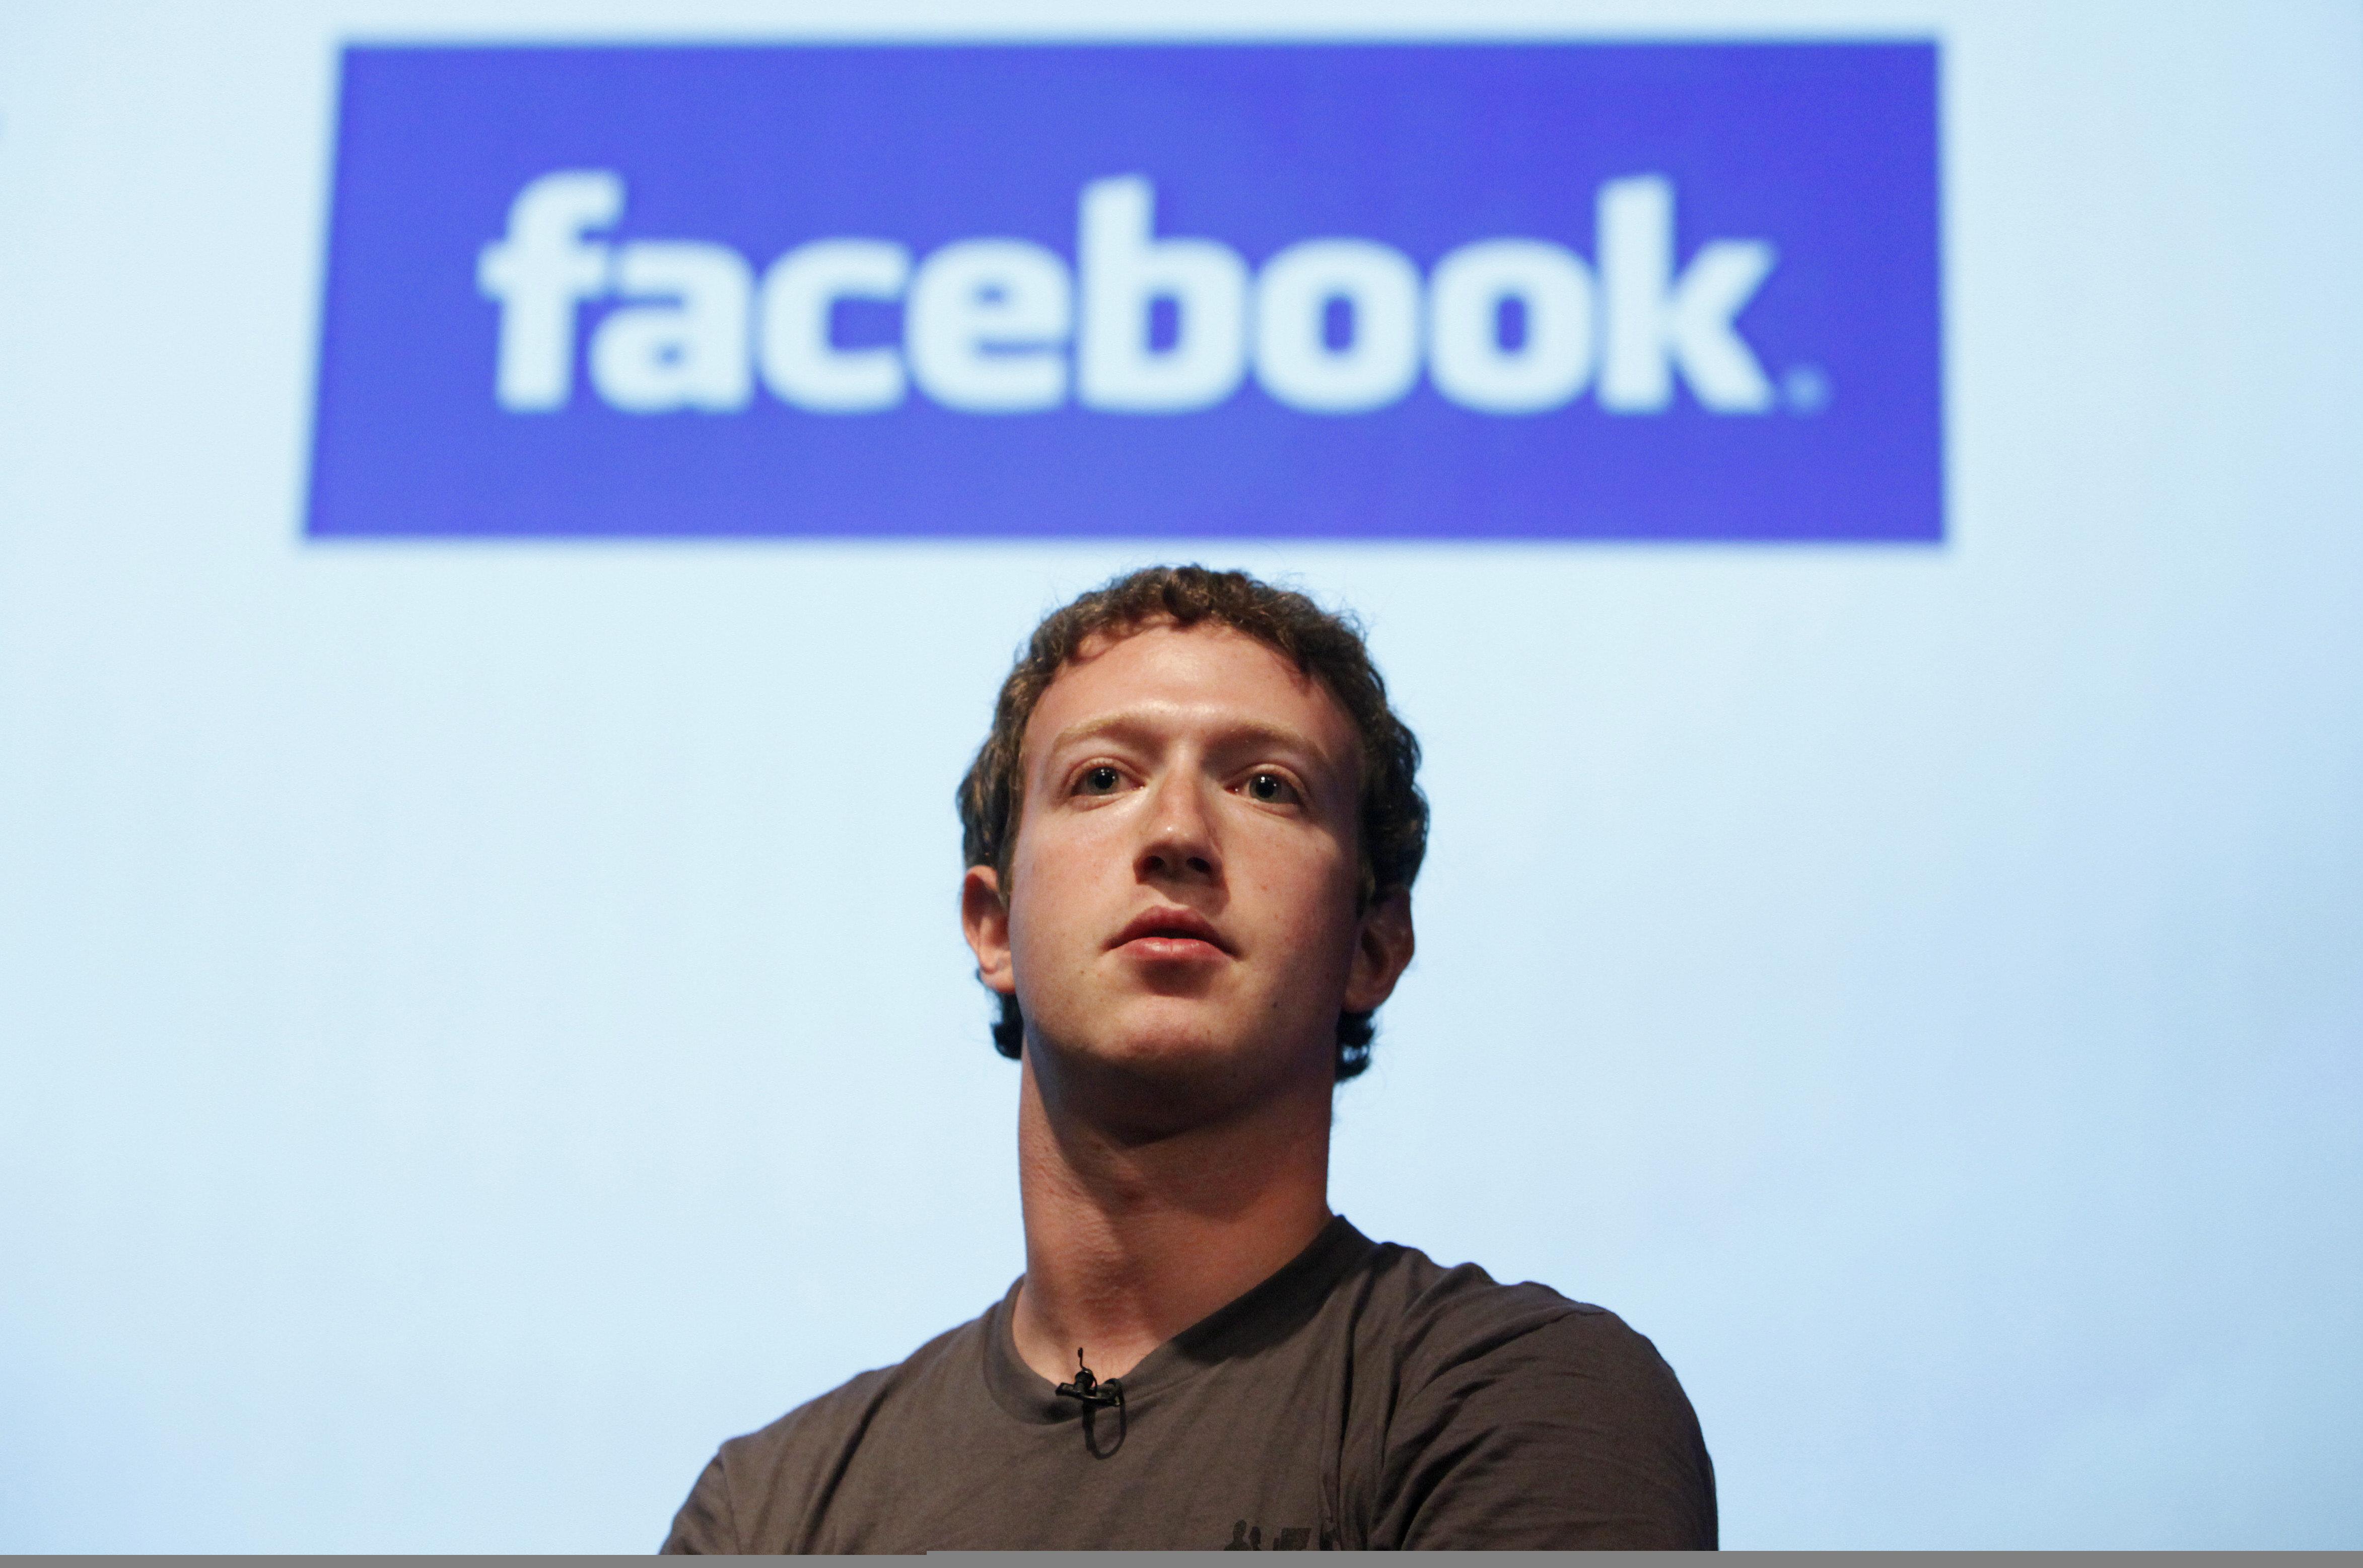 Facebook cae en Wall Street luego de revelaciones sobre Cambridge Analytica